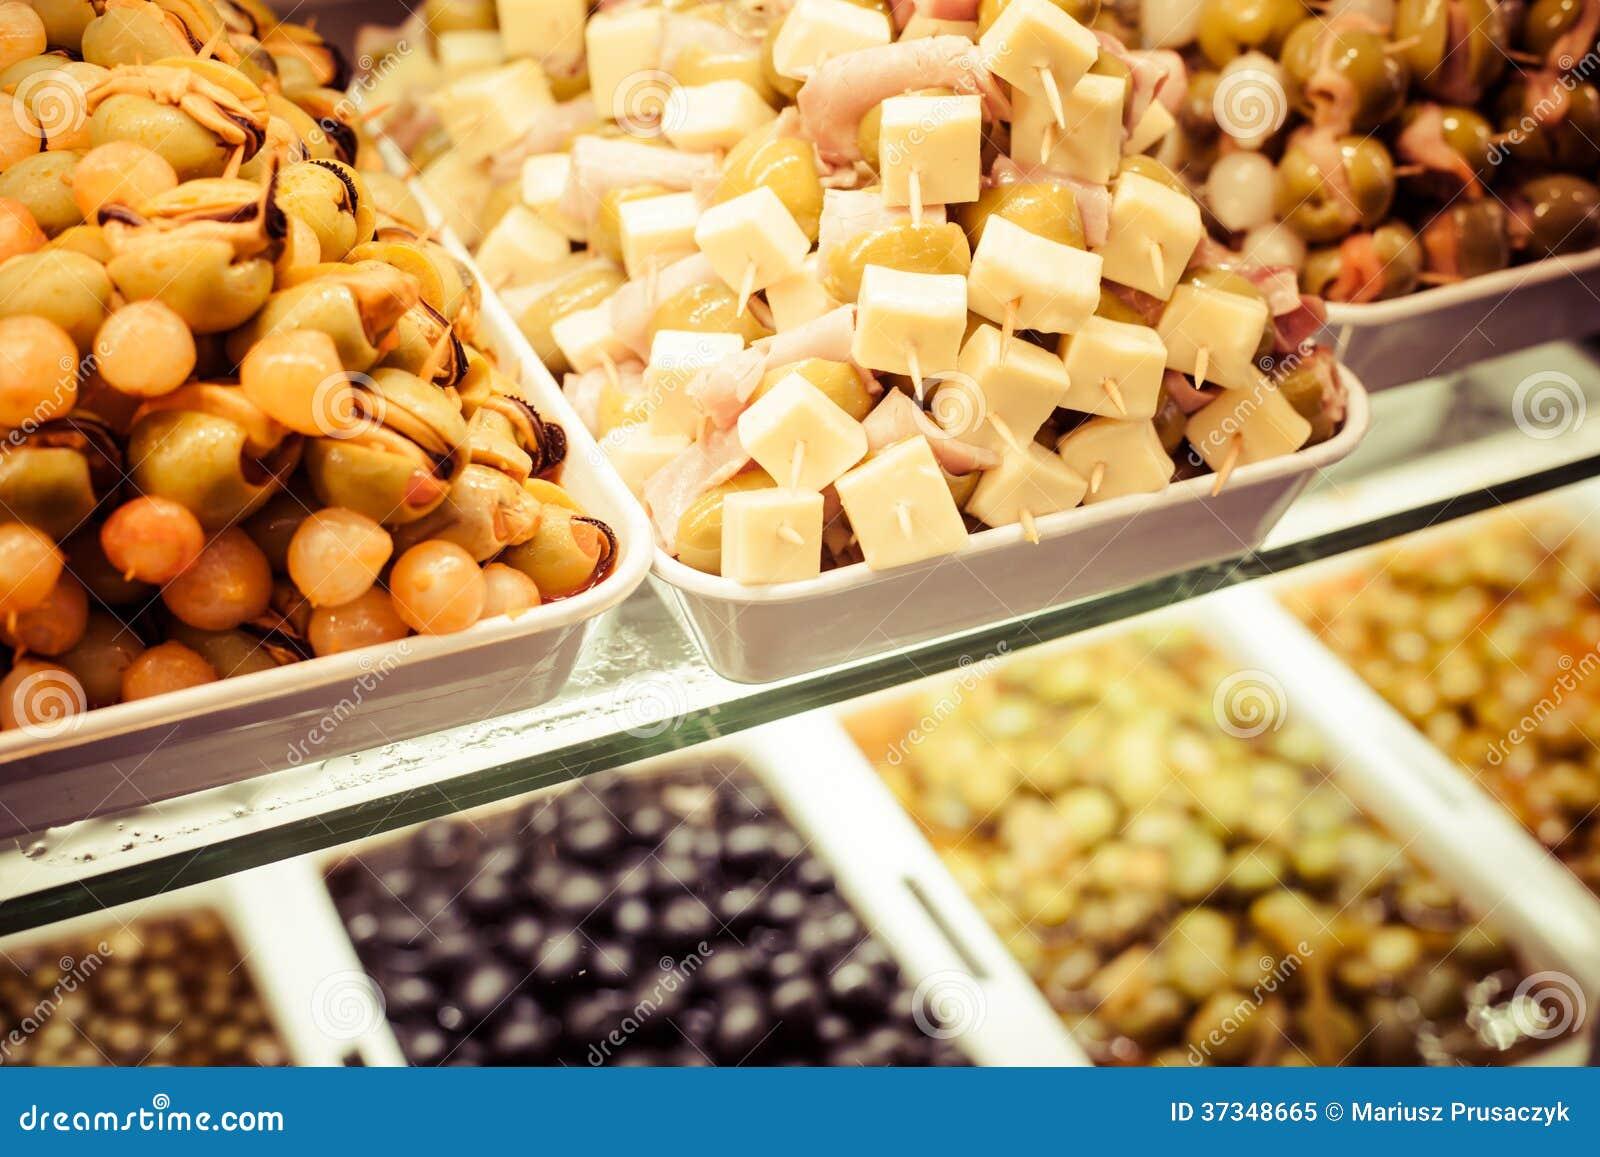 Marché espagnol typique de nourriture.